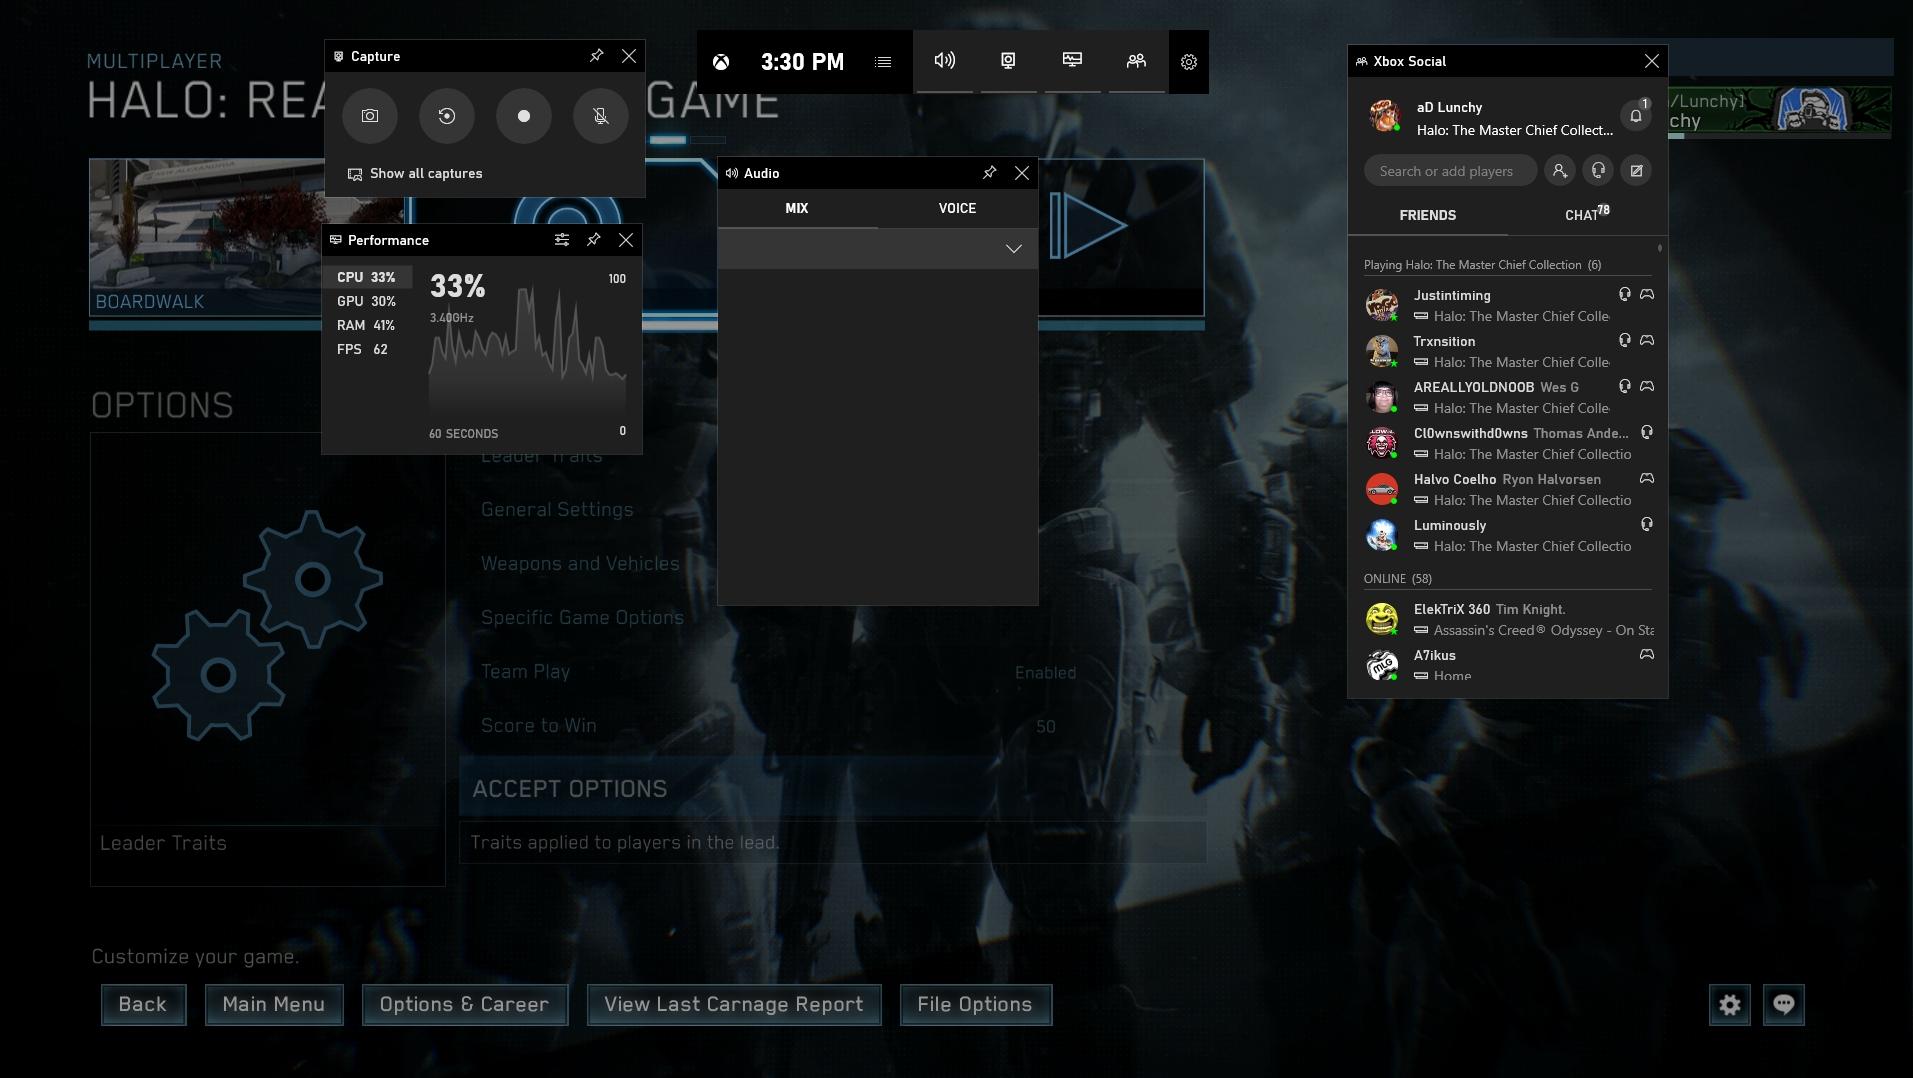 Xbox Game Bar - Missing audio mixer bug 78d0a9a2-ffc5-4ad5-aece-dd9229b9a470?upload=true.jpg